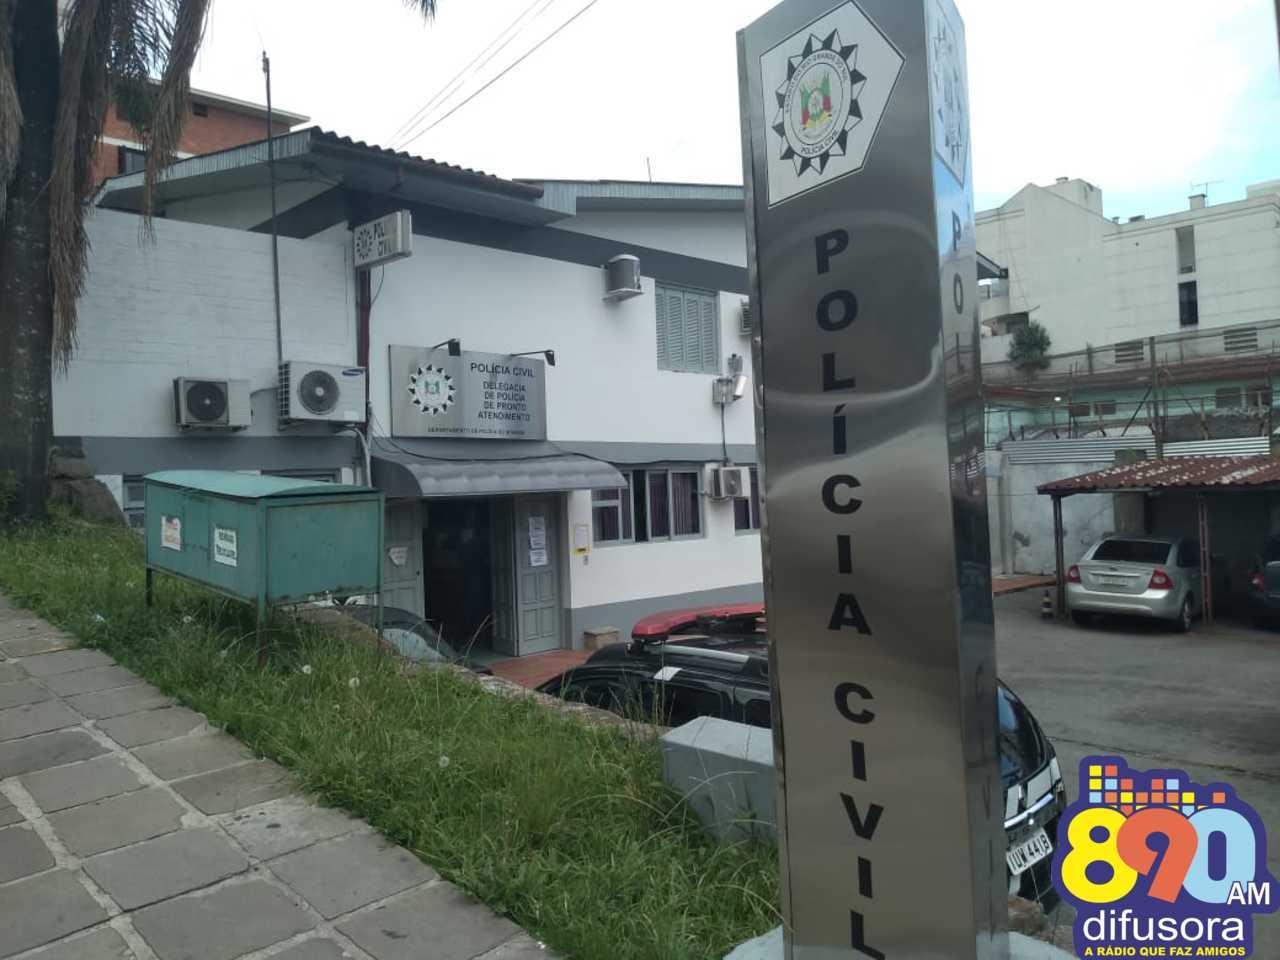 Residência é alvo de furto no bairro São Francisco, em Bento